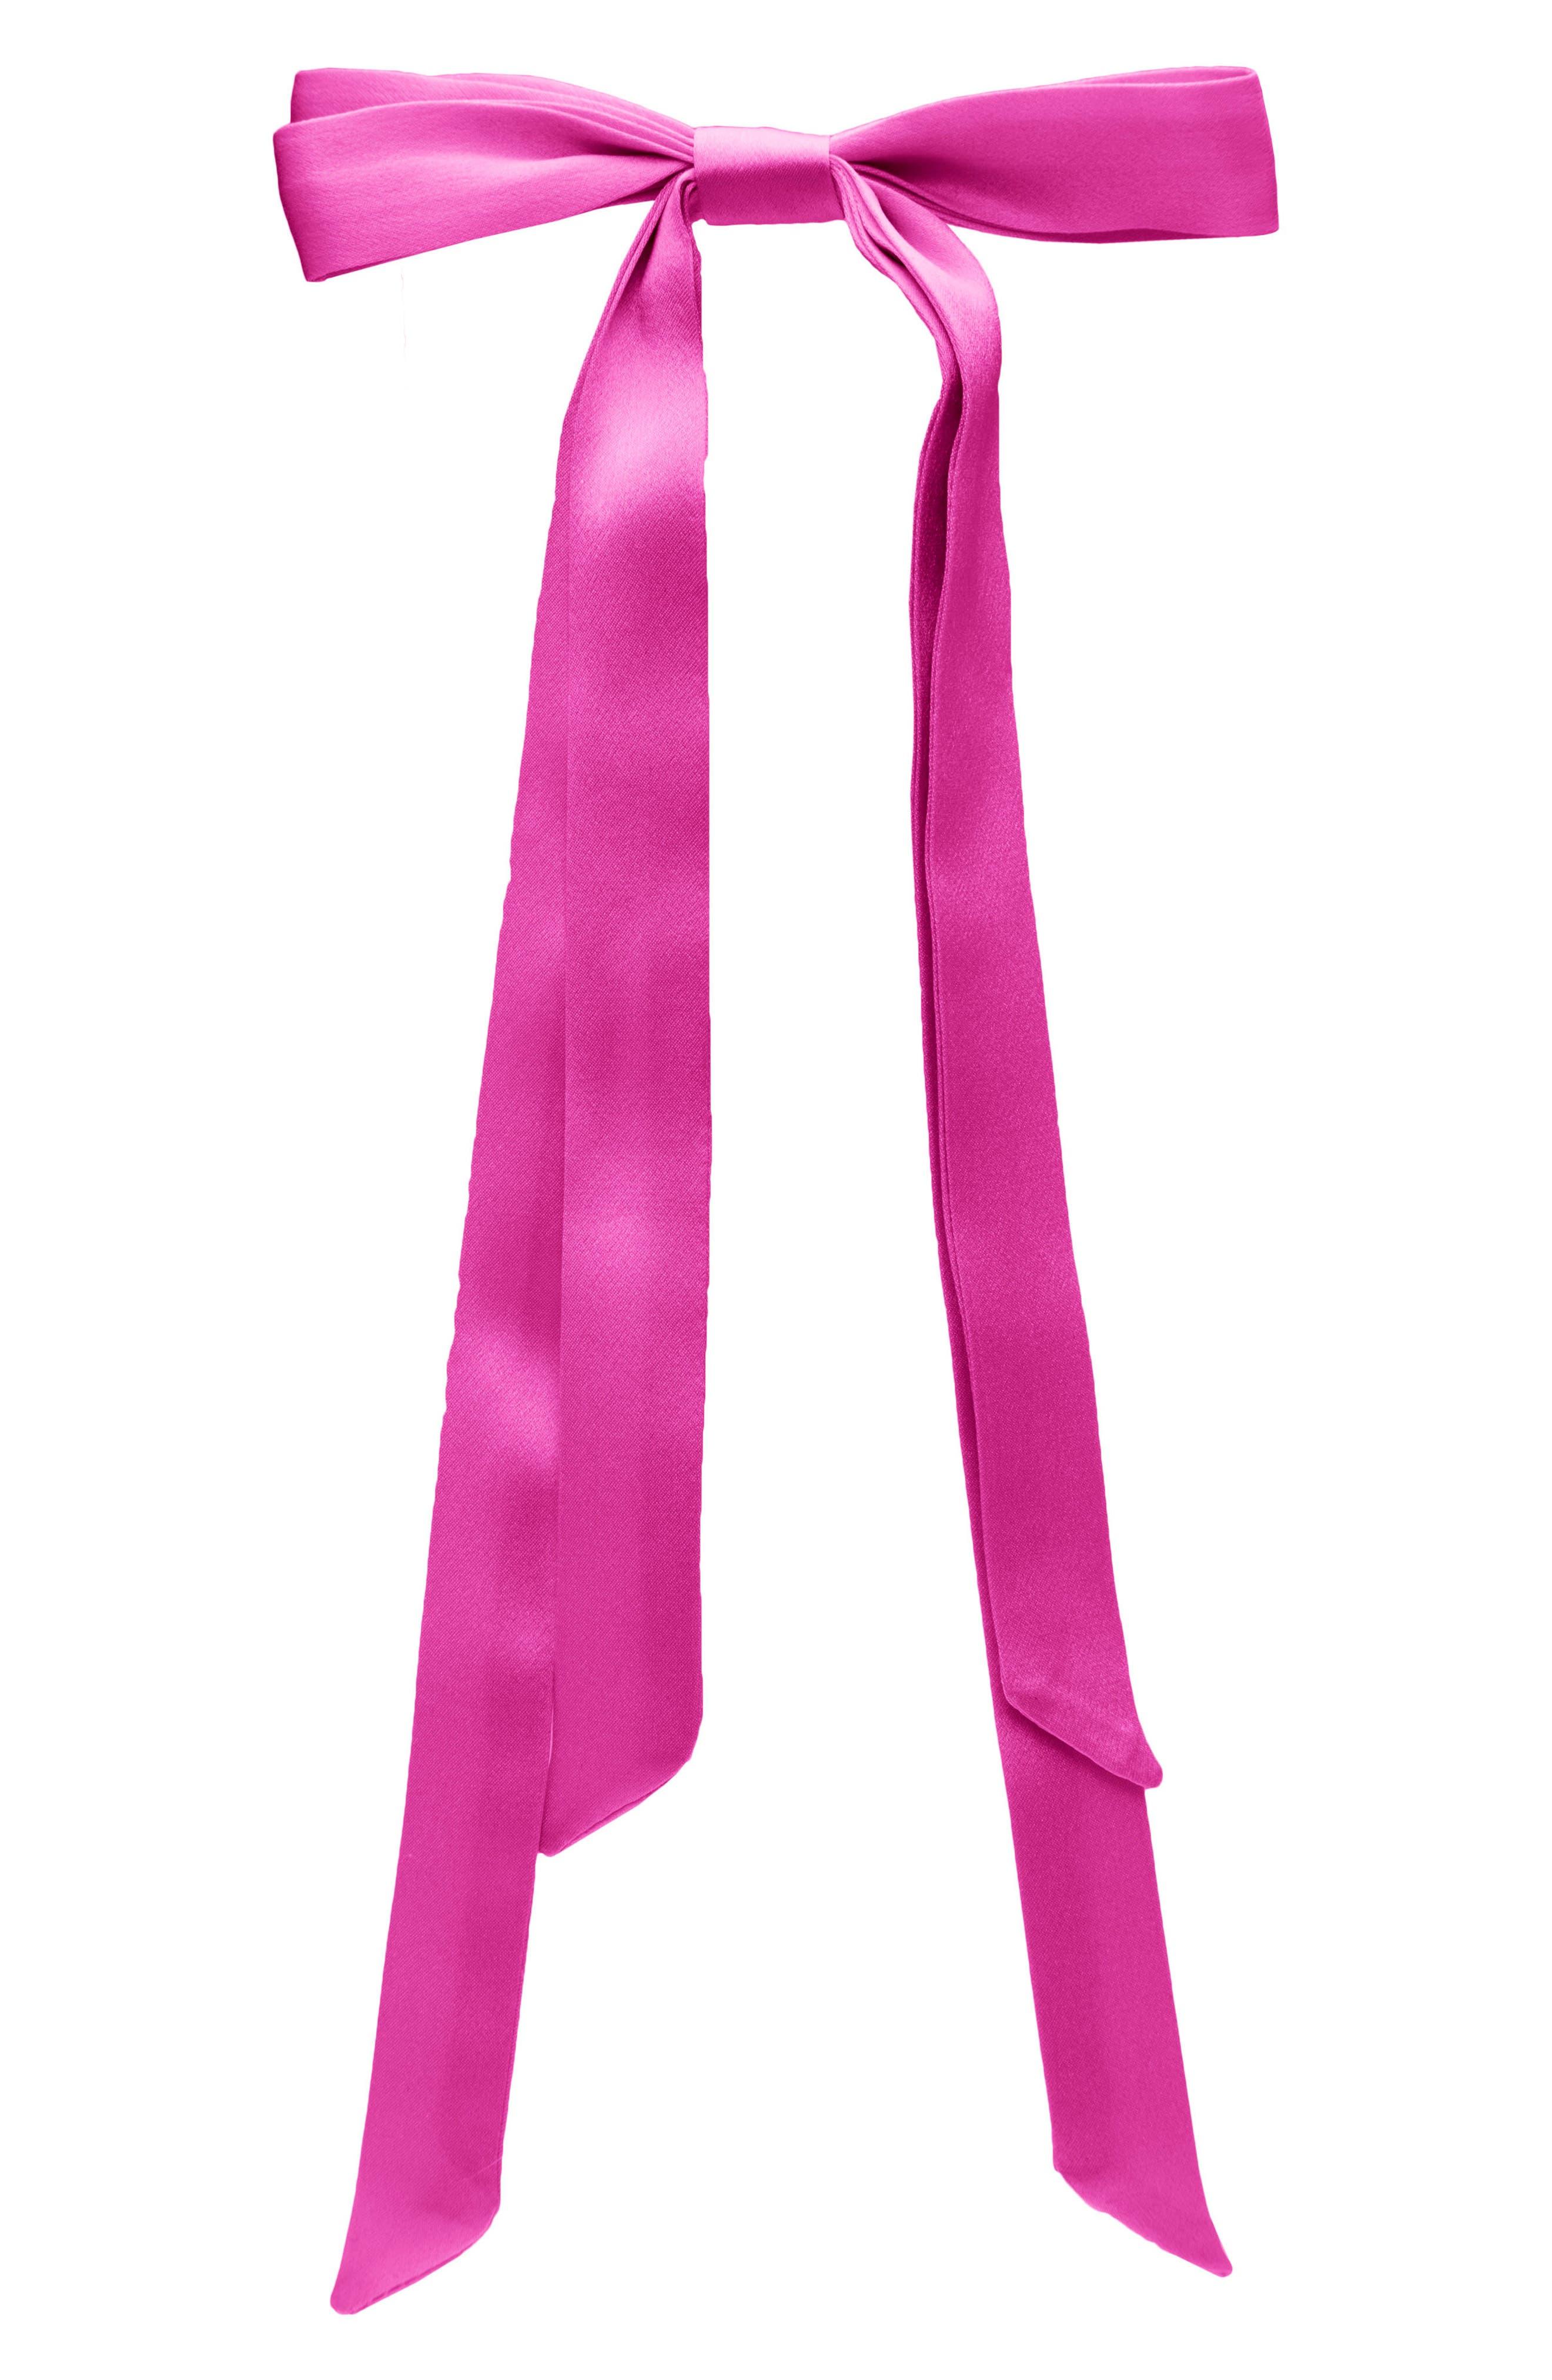 Alternate Image 1 Selected - L. Erickson Long Tail Ribbon Barrette